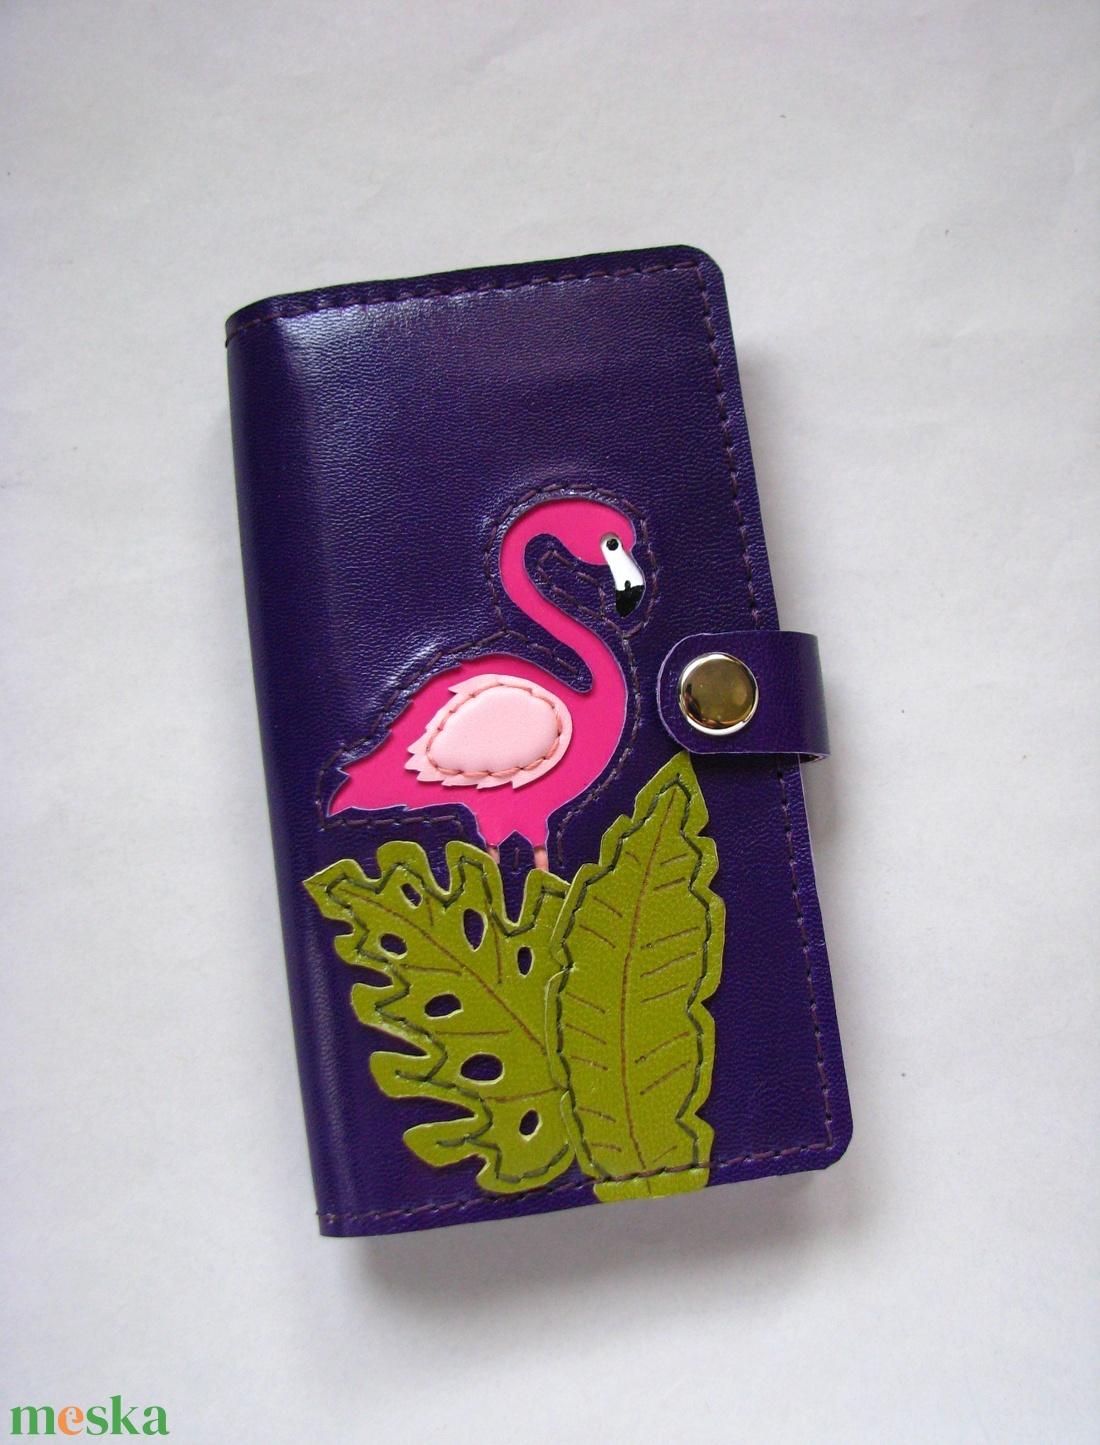 Lila flamingó mintás kártyatartós bőr pénztárca, irattartó tárca - táska & tok - pénztárca & más tok - pénztárca - Meska.hu